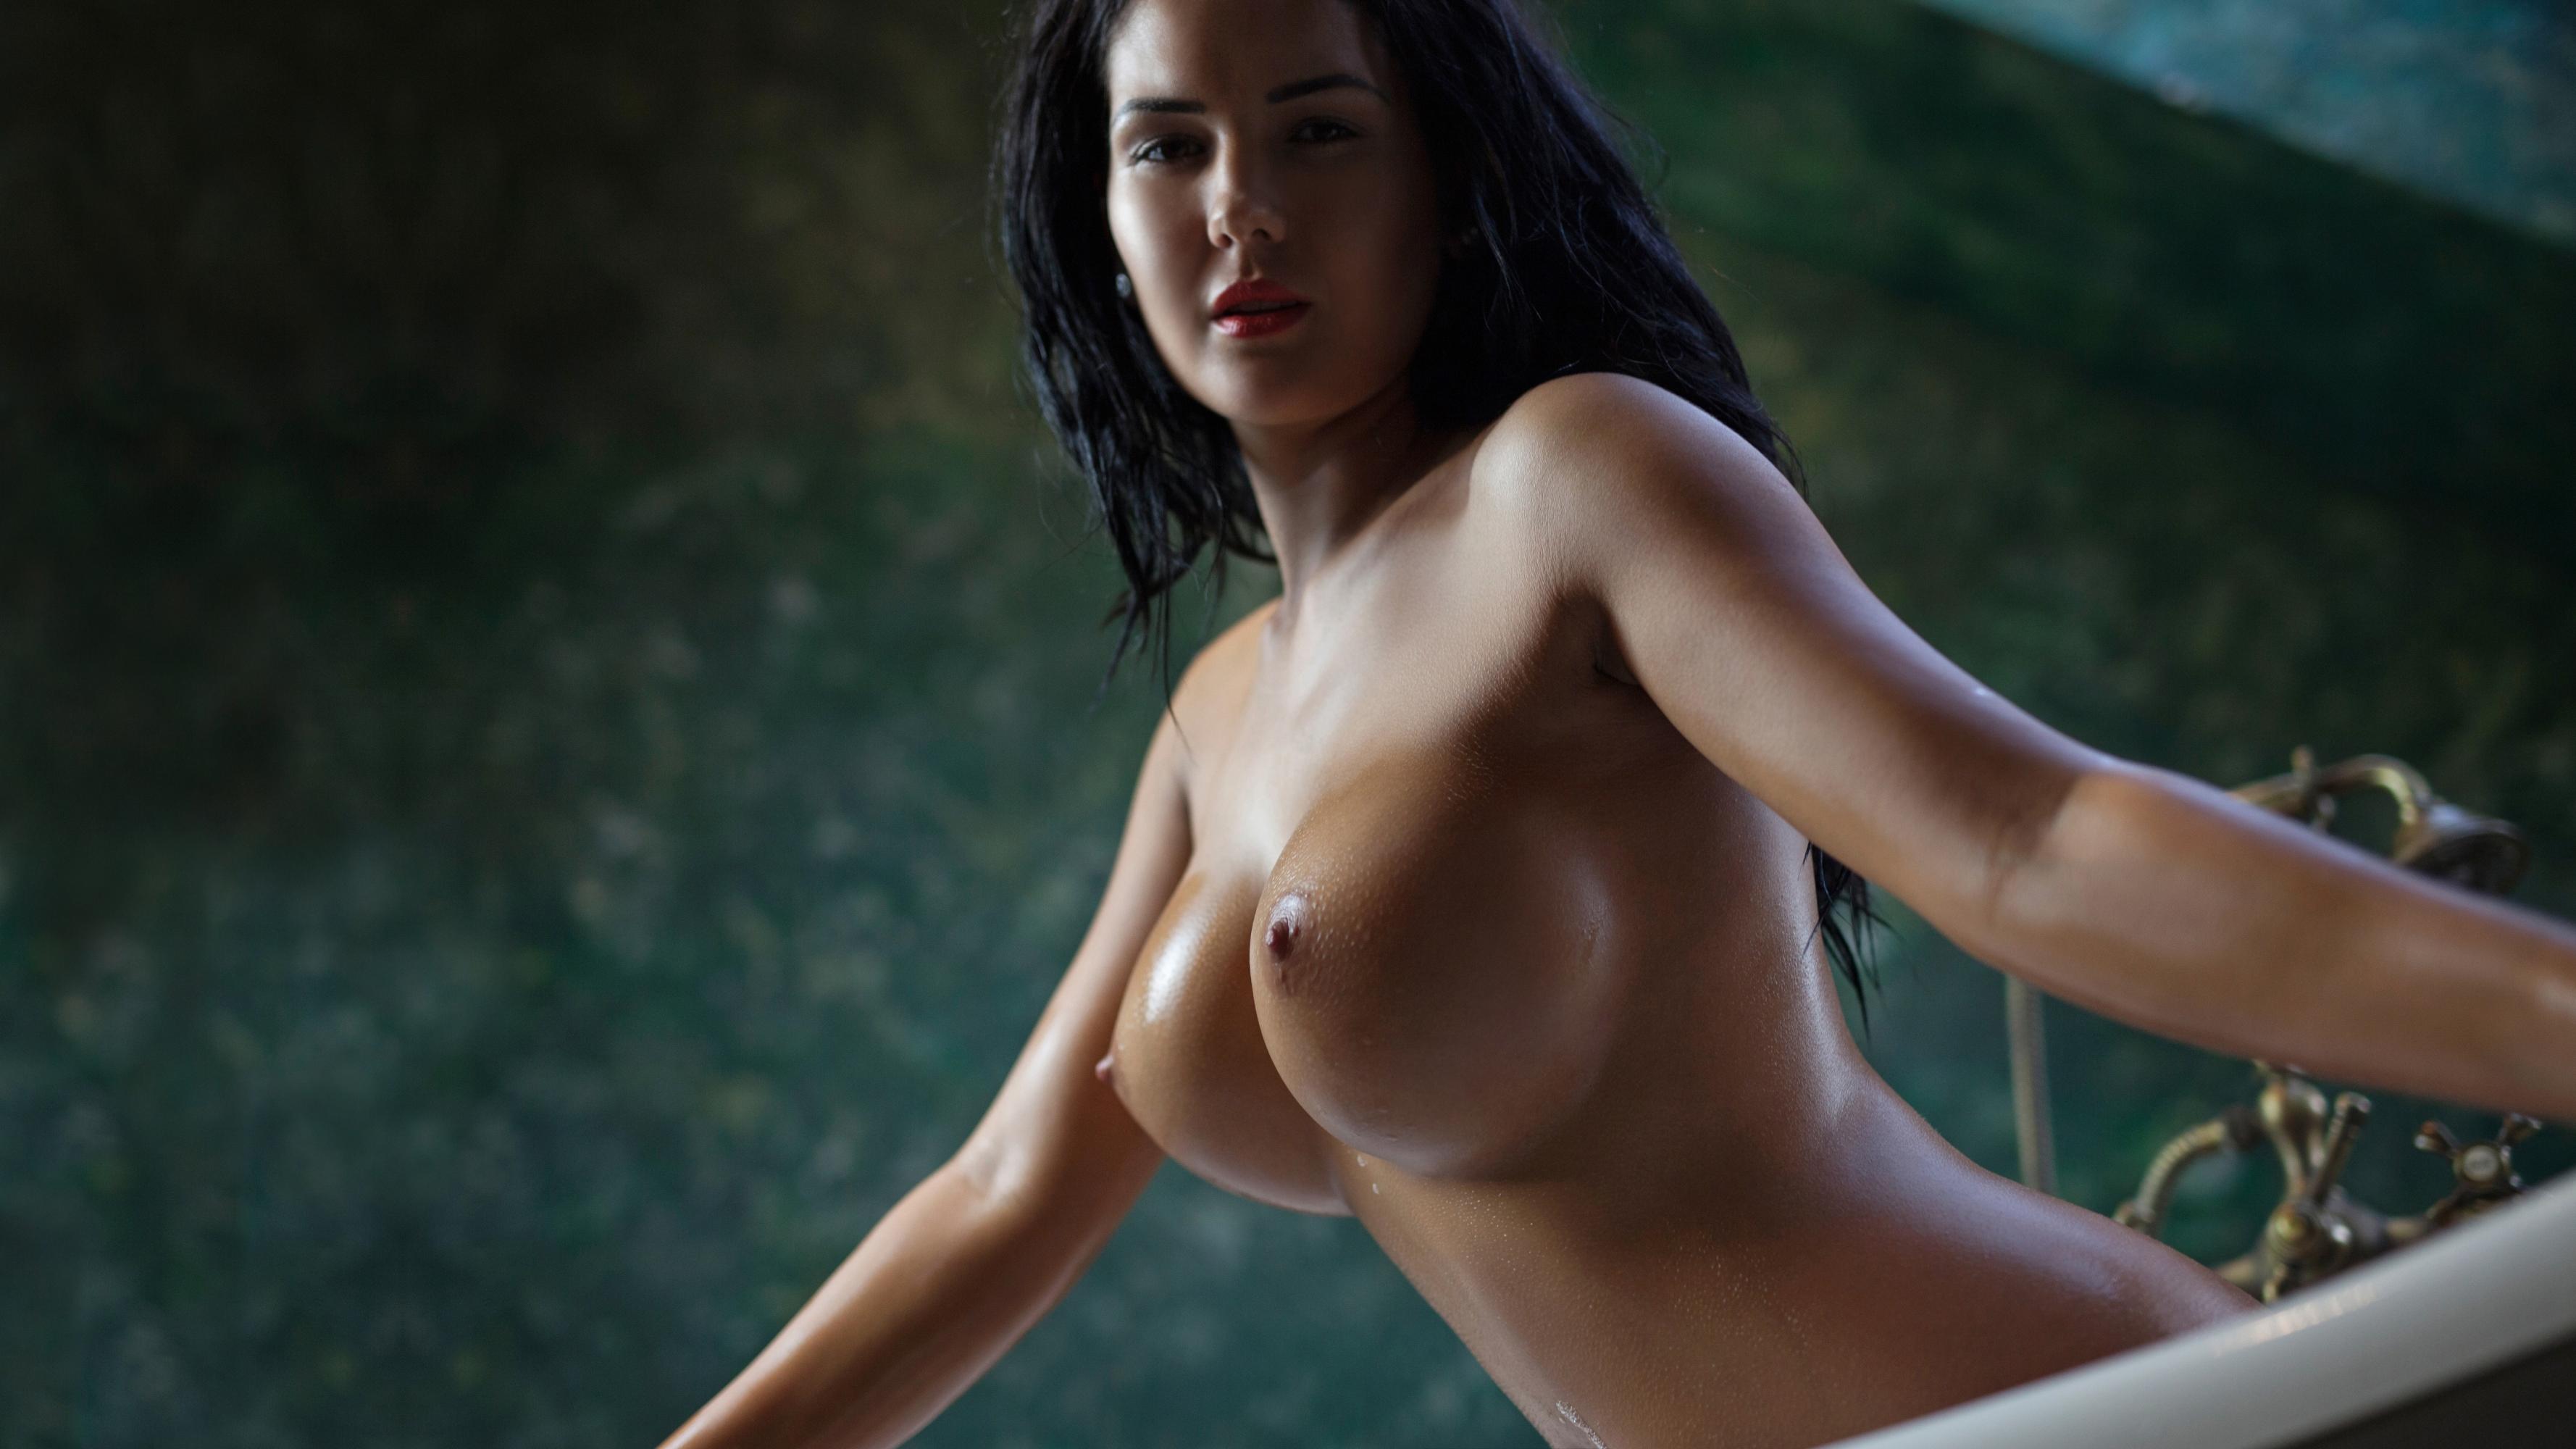 Kendra s tits